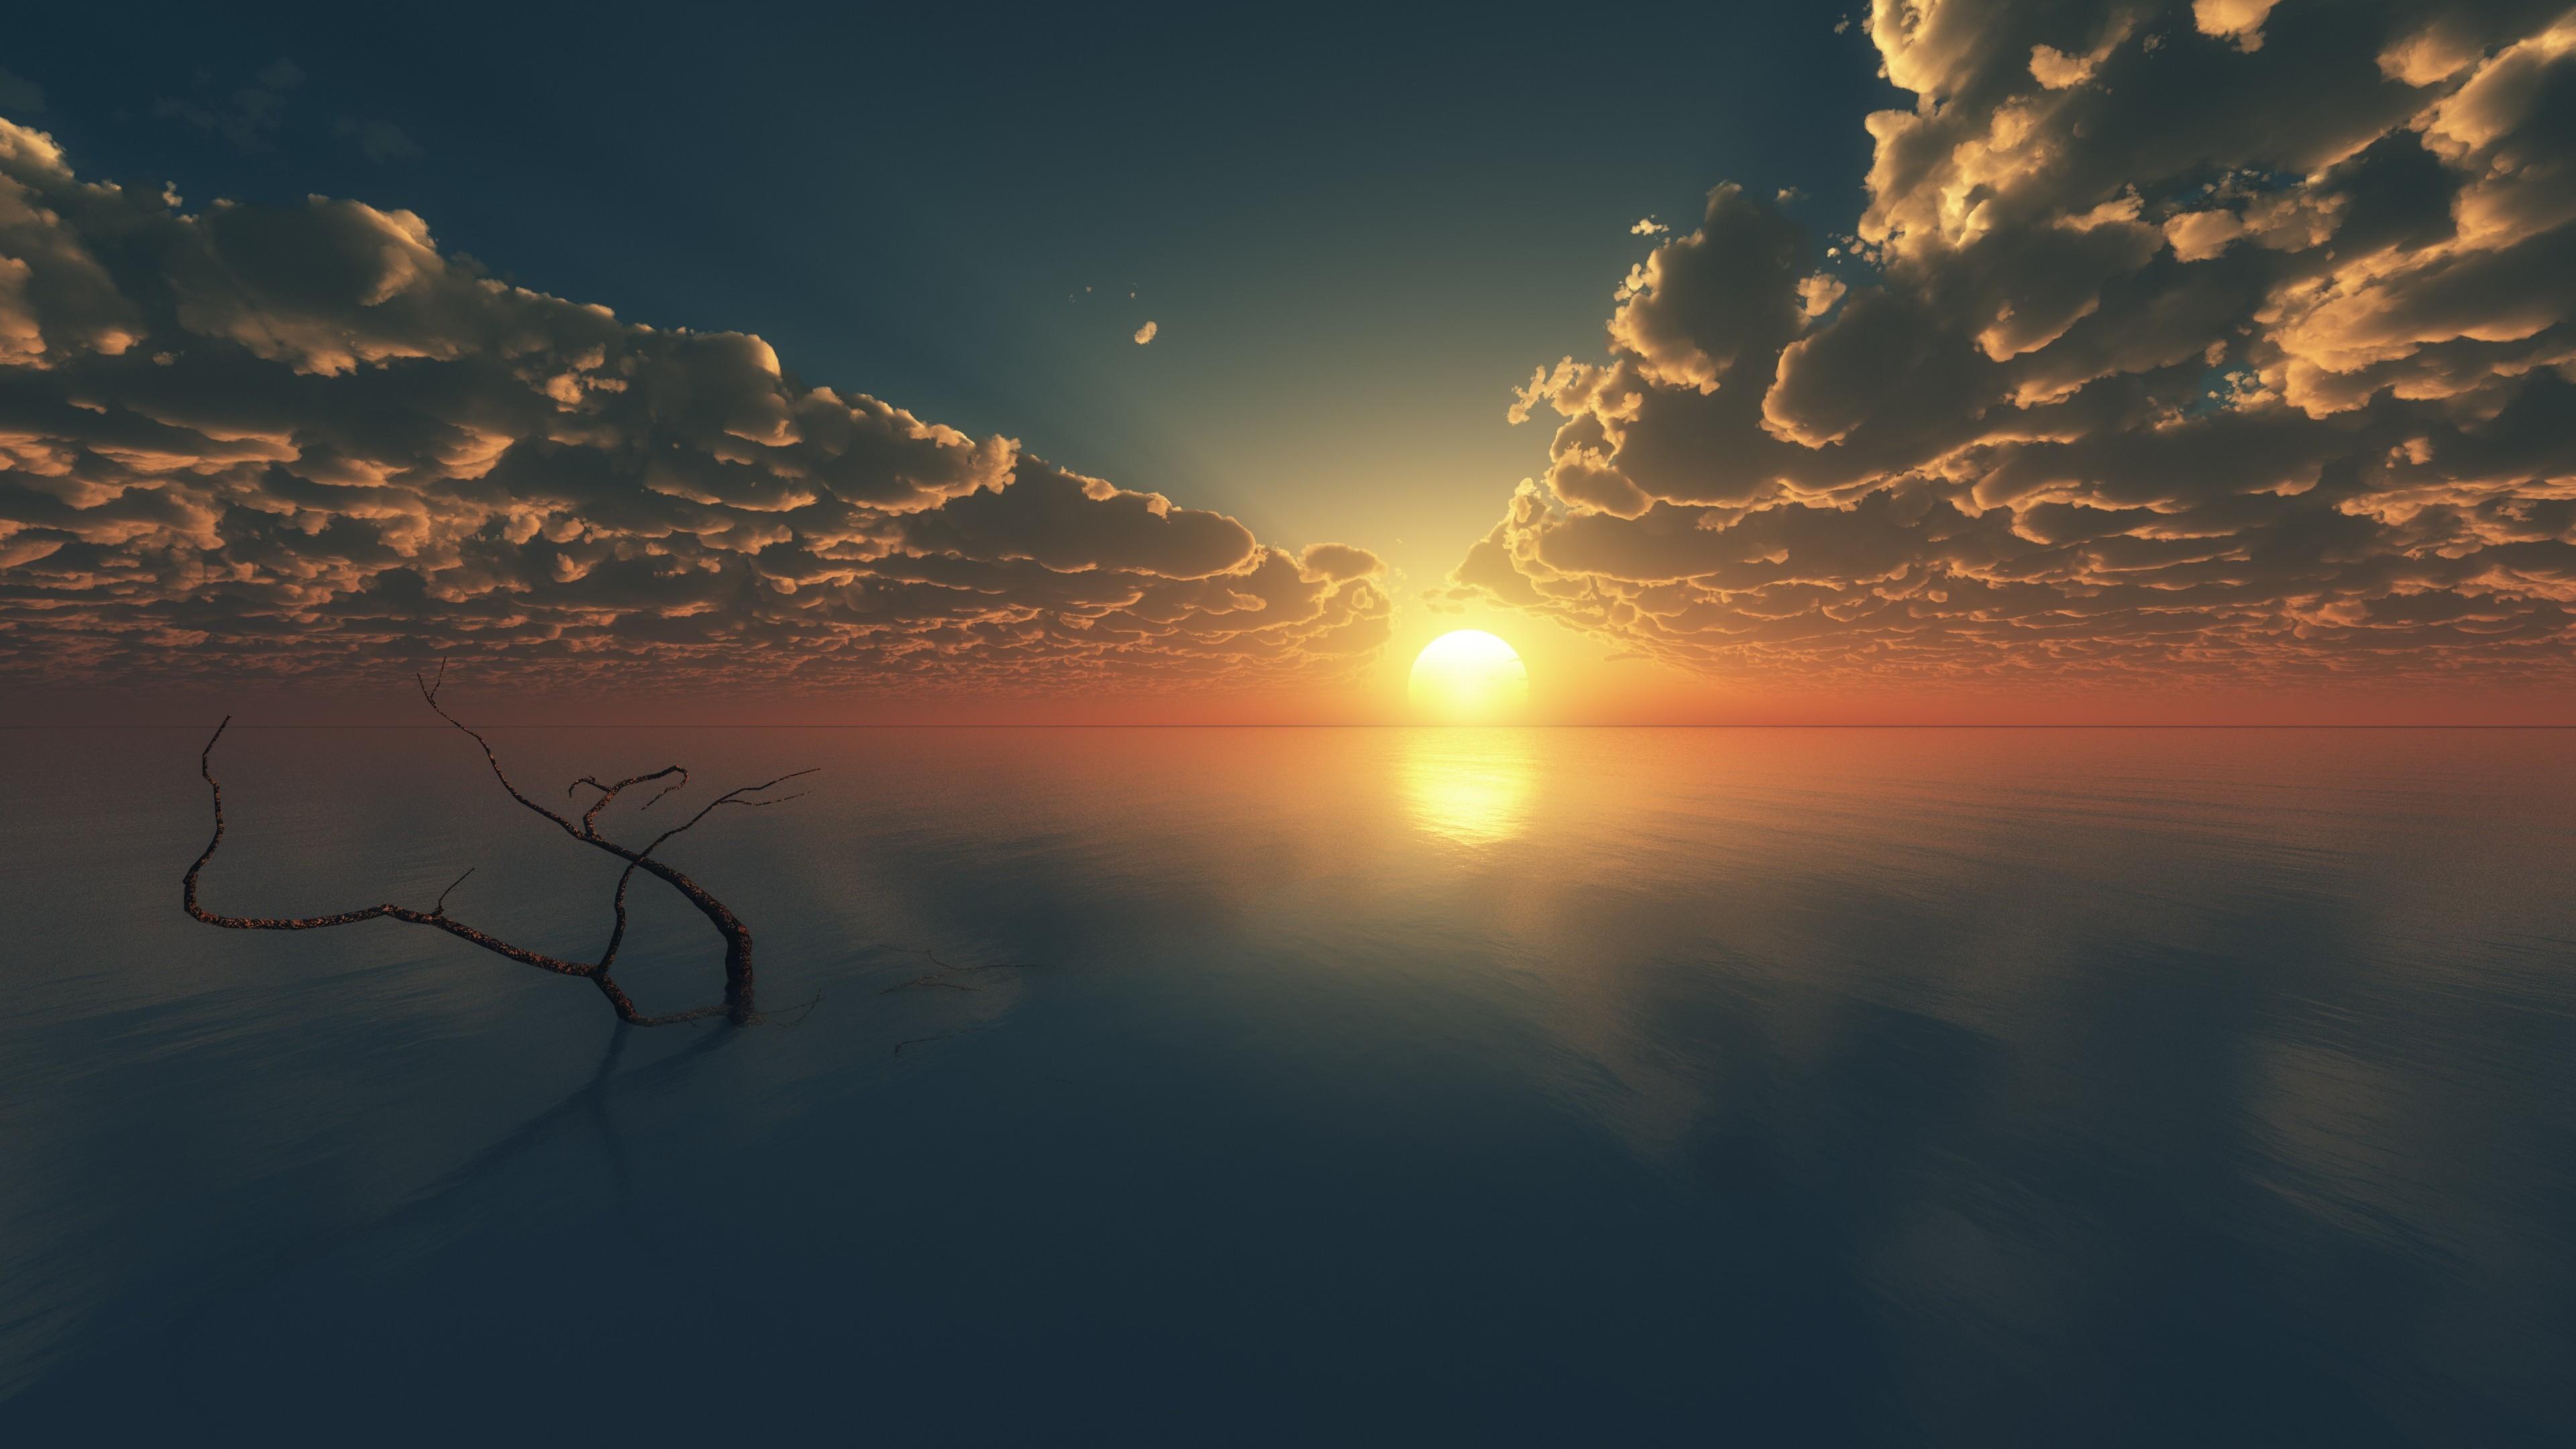 Ảnh background bầu trời và mặt nước phẳng lặng